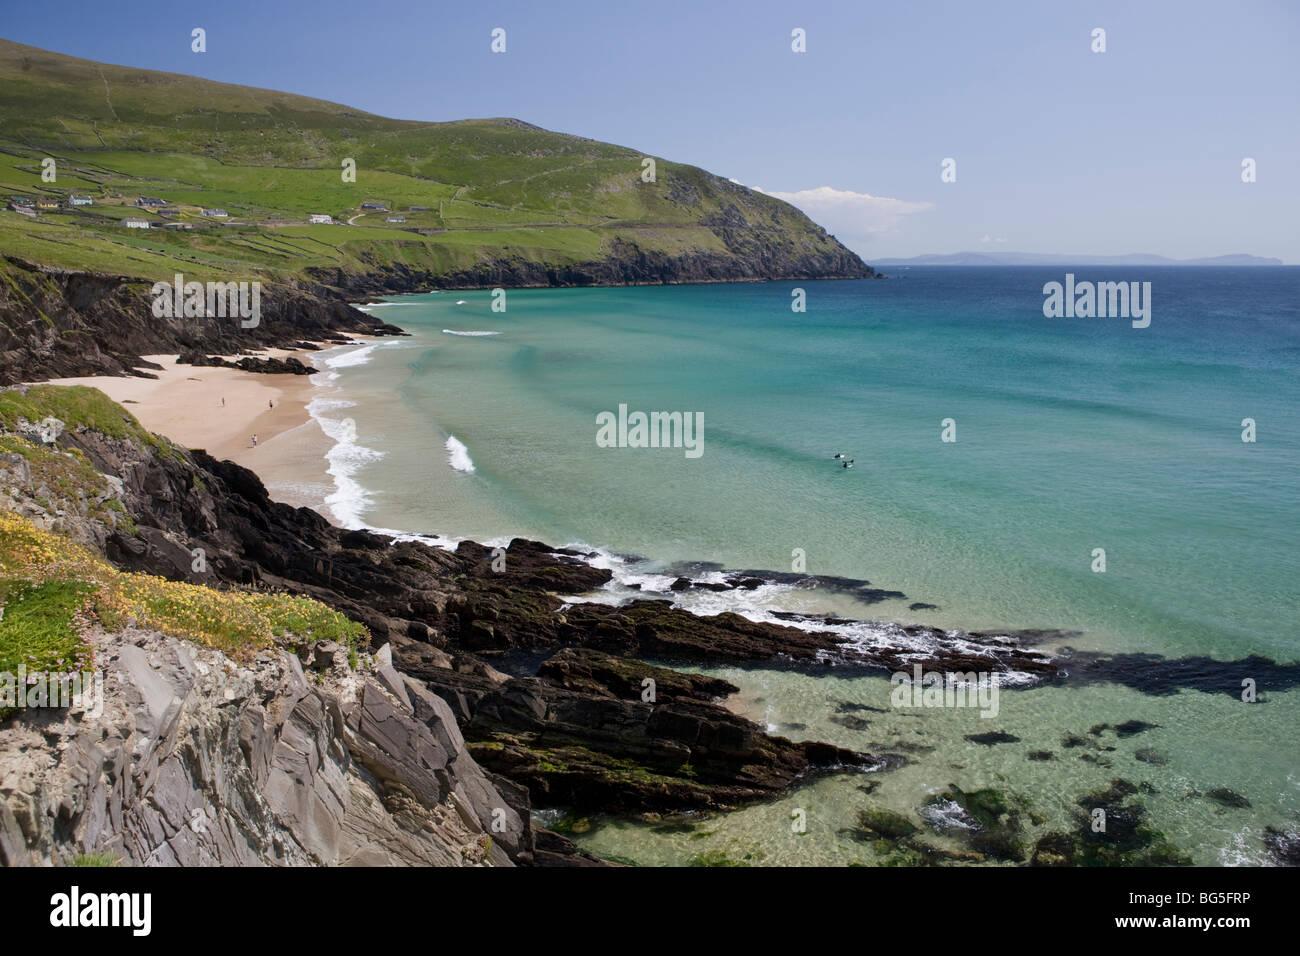 Beach on the Dingle Peninsula, West Coast of ireland - Stock Image